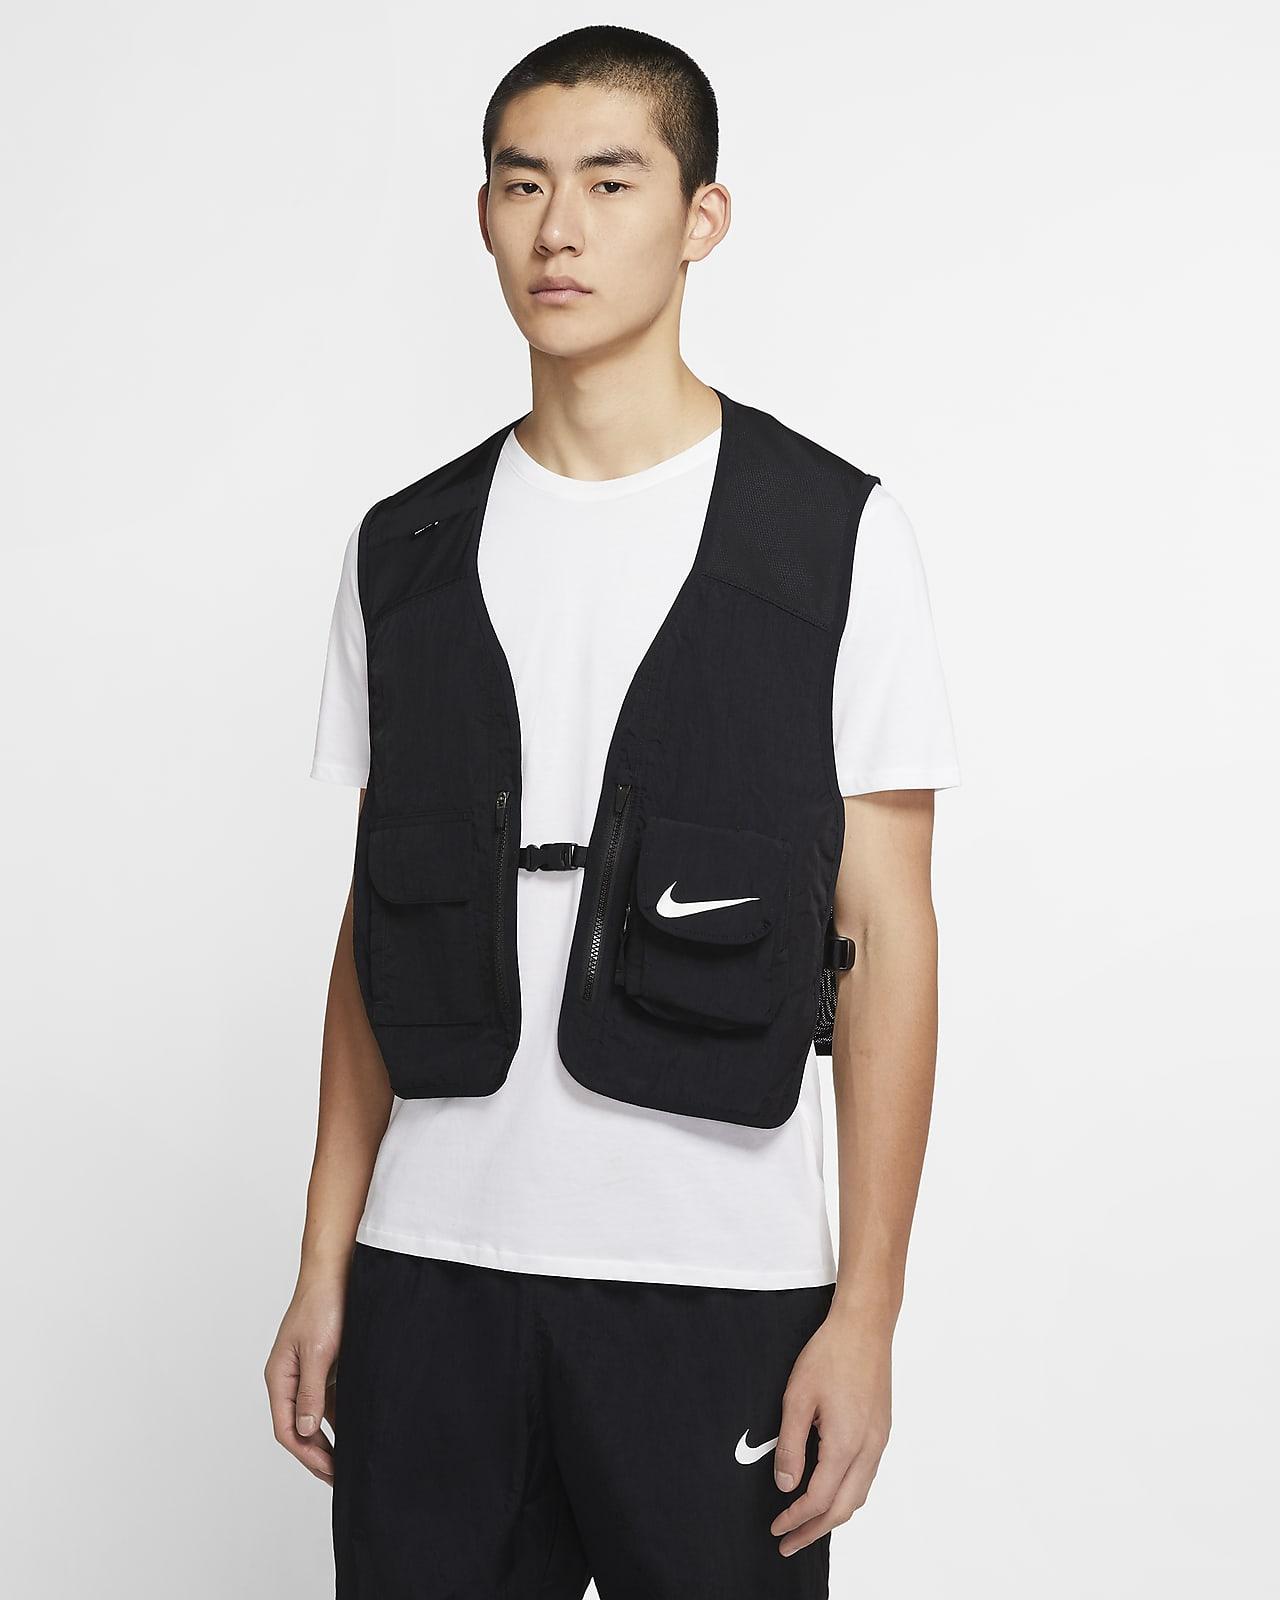 Veste sans manches de football Nike F.C. pour Homme